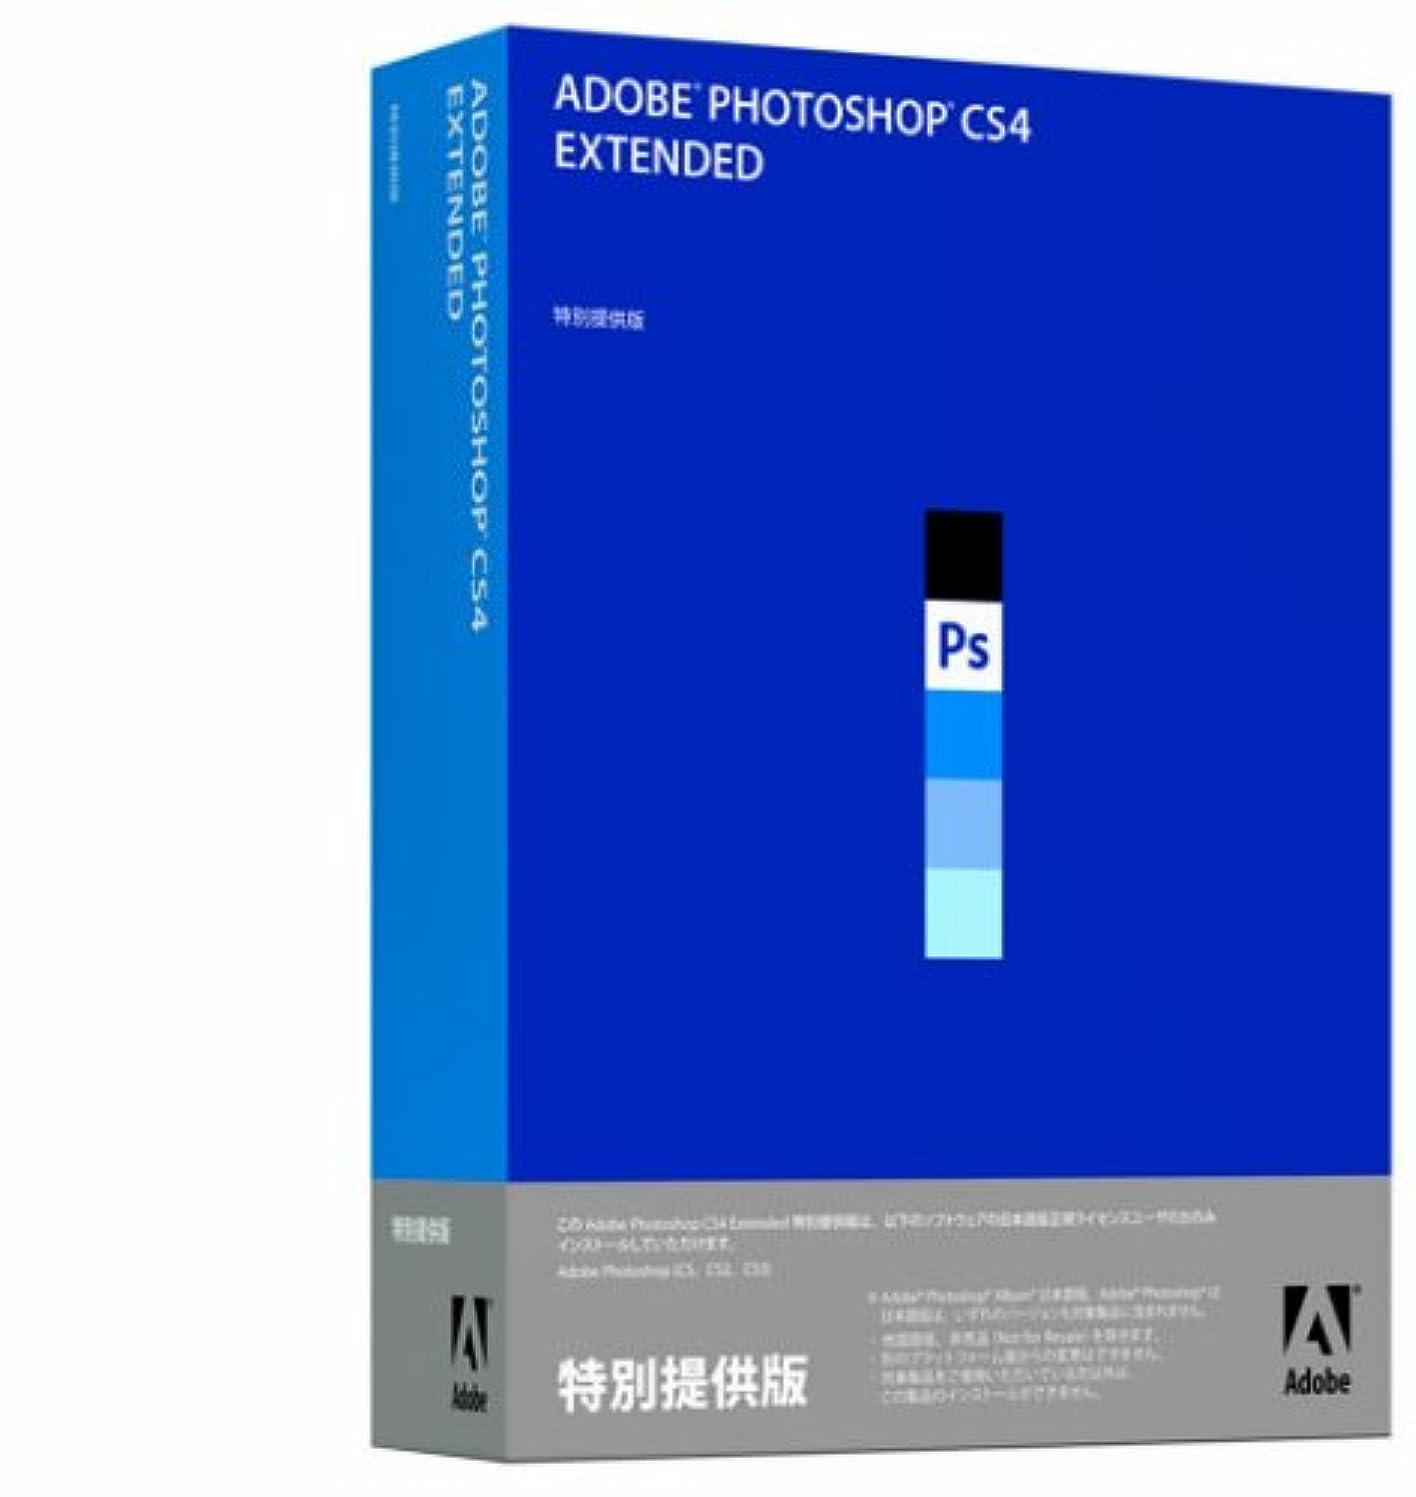 幼児おかしい銀行Adobe Photoshop CS4 Extended (V11.0) 日本語版 特別提供版 (FROM PHSP CS1/2/3) Macintosh版 (旧製品)